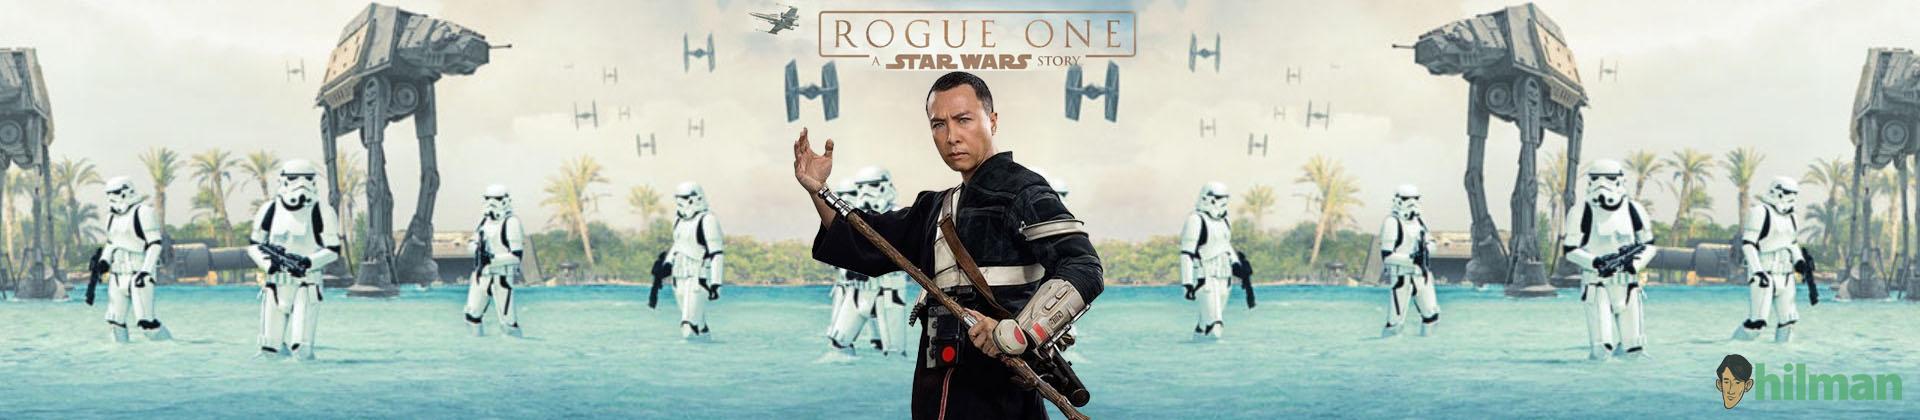 Trailer Terbaru Rogue One: A Star Wars Story, Karena Donnie Yen tidak ada Pertarungan...